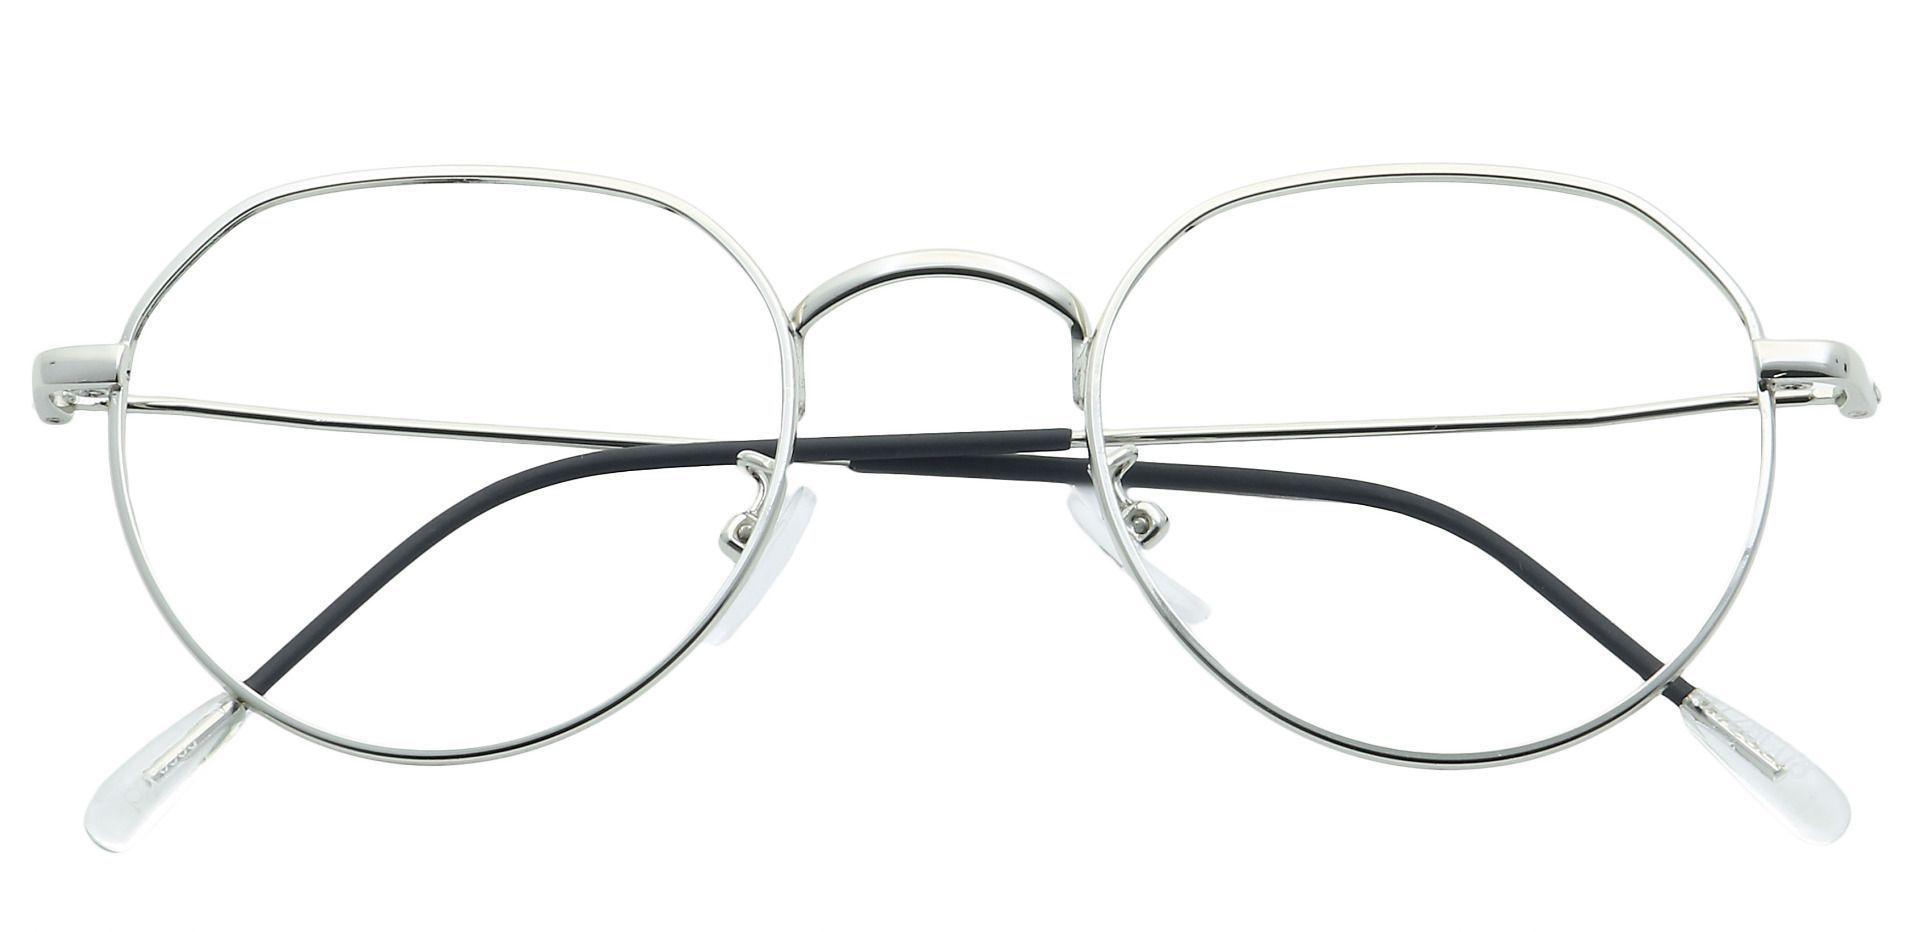 Emerson Round Progressive Glasses - Clear